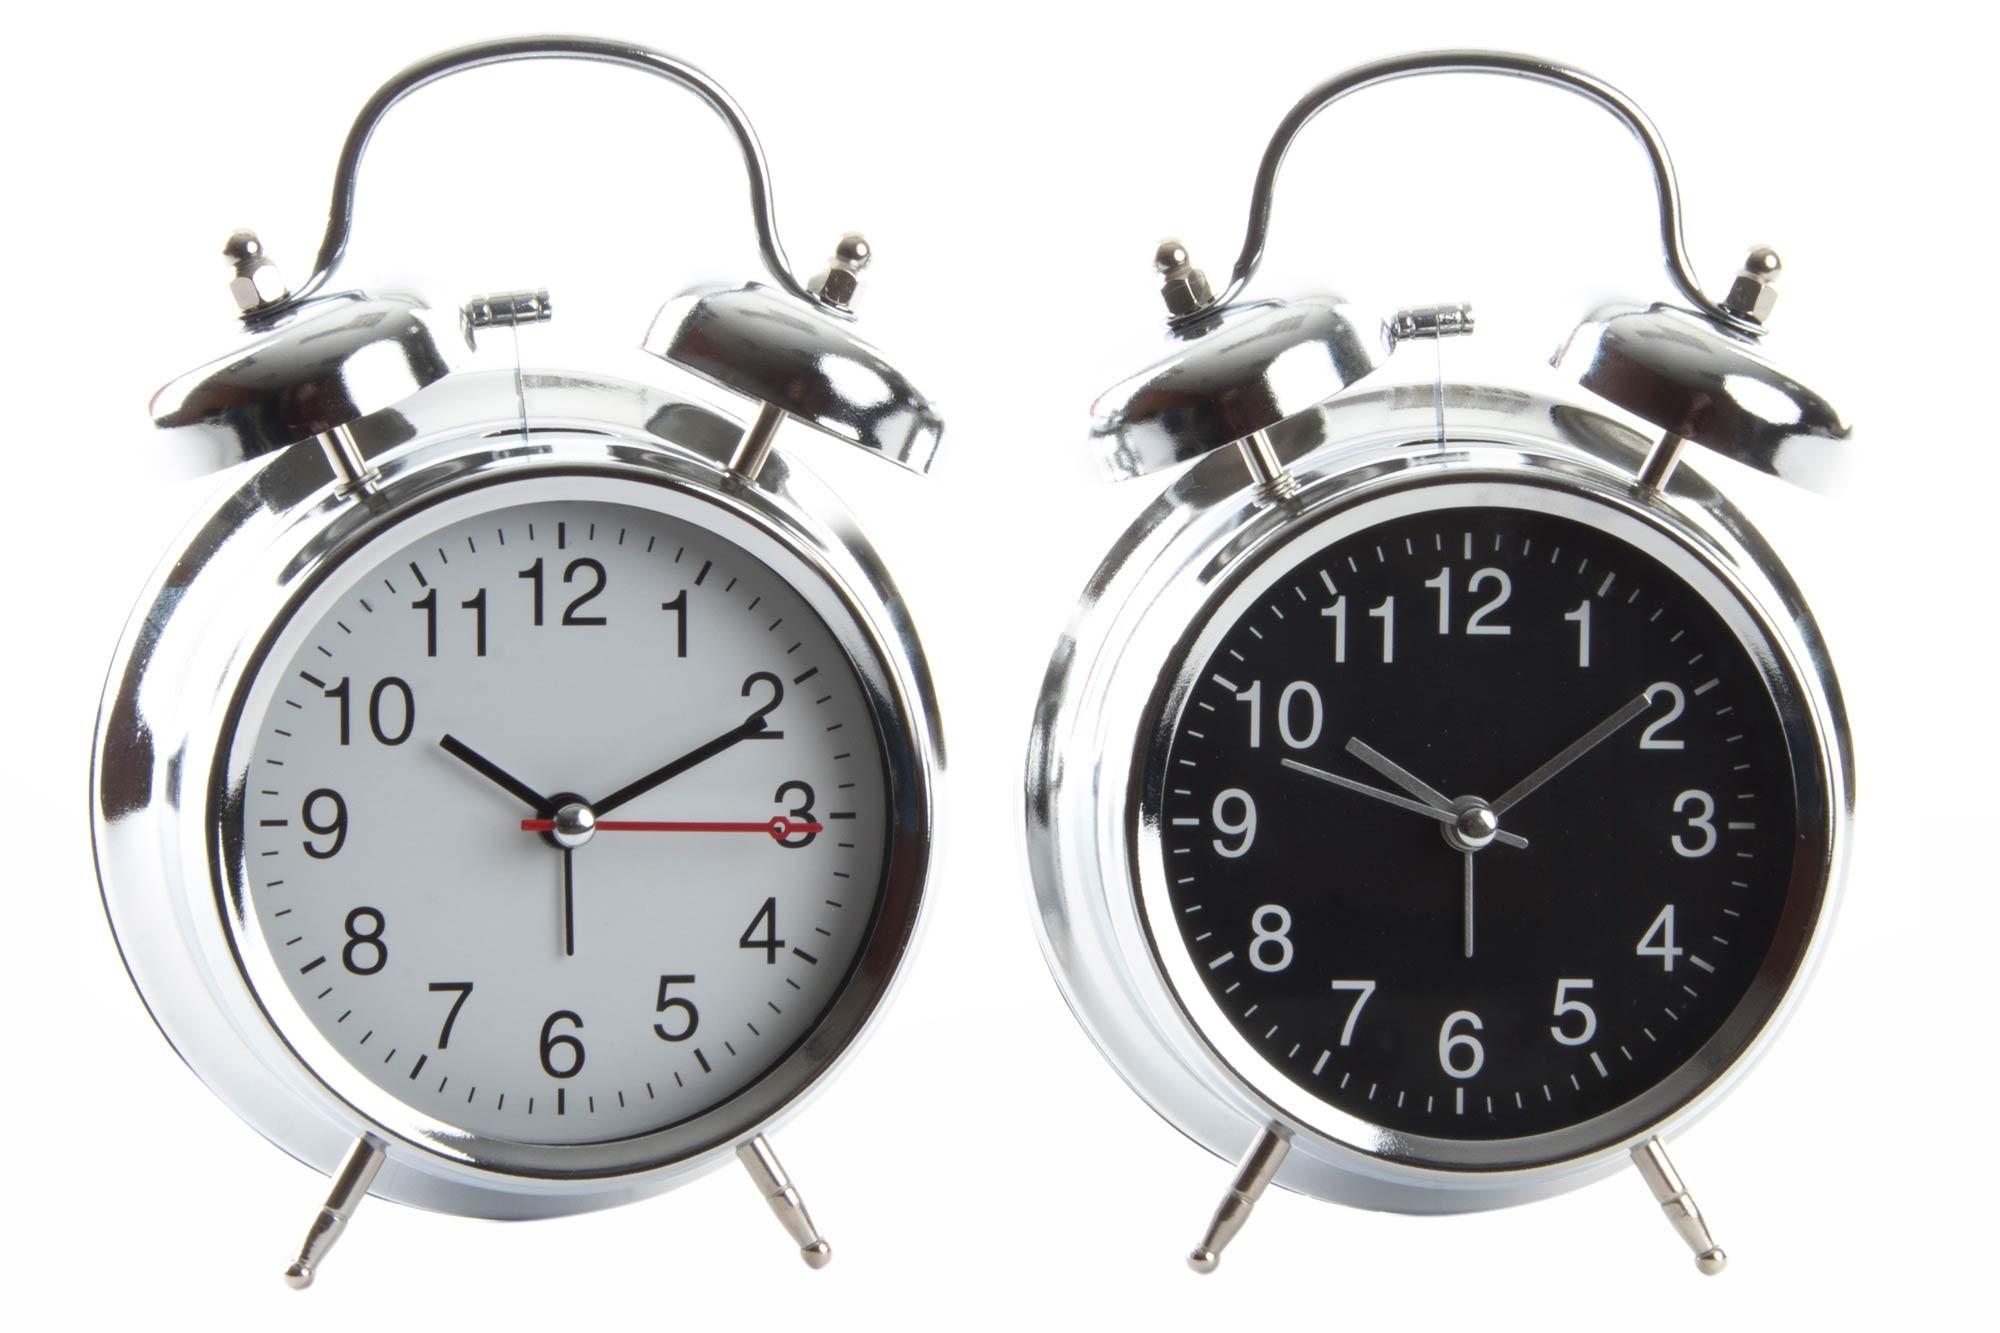 Reloj Despertador Analógico, realizado en Metal, con Campana. Diseño Vintage, con estilo Retro (12cm X 17cm X 6cm) - Hogar y Más